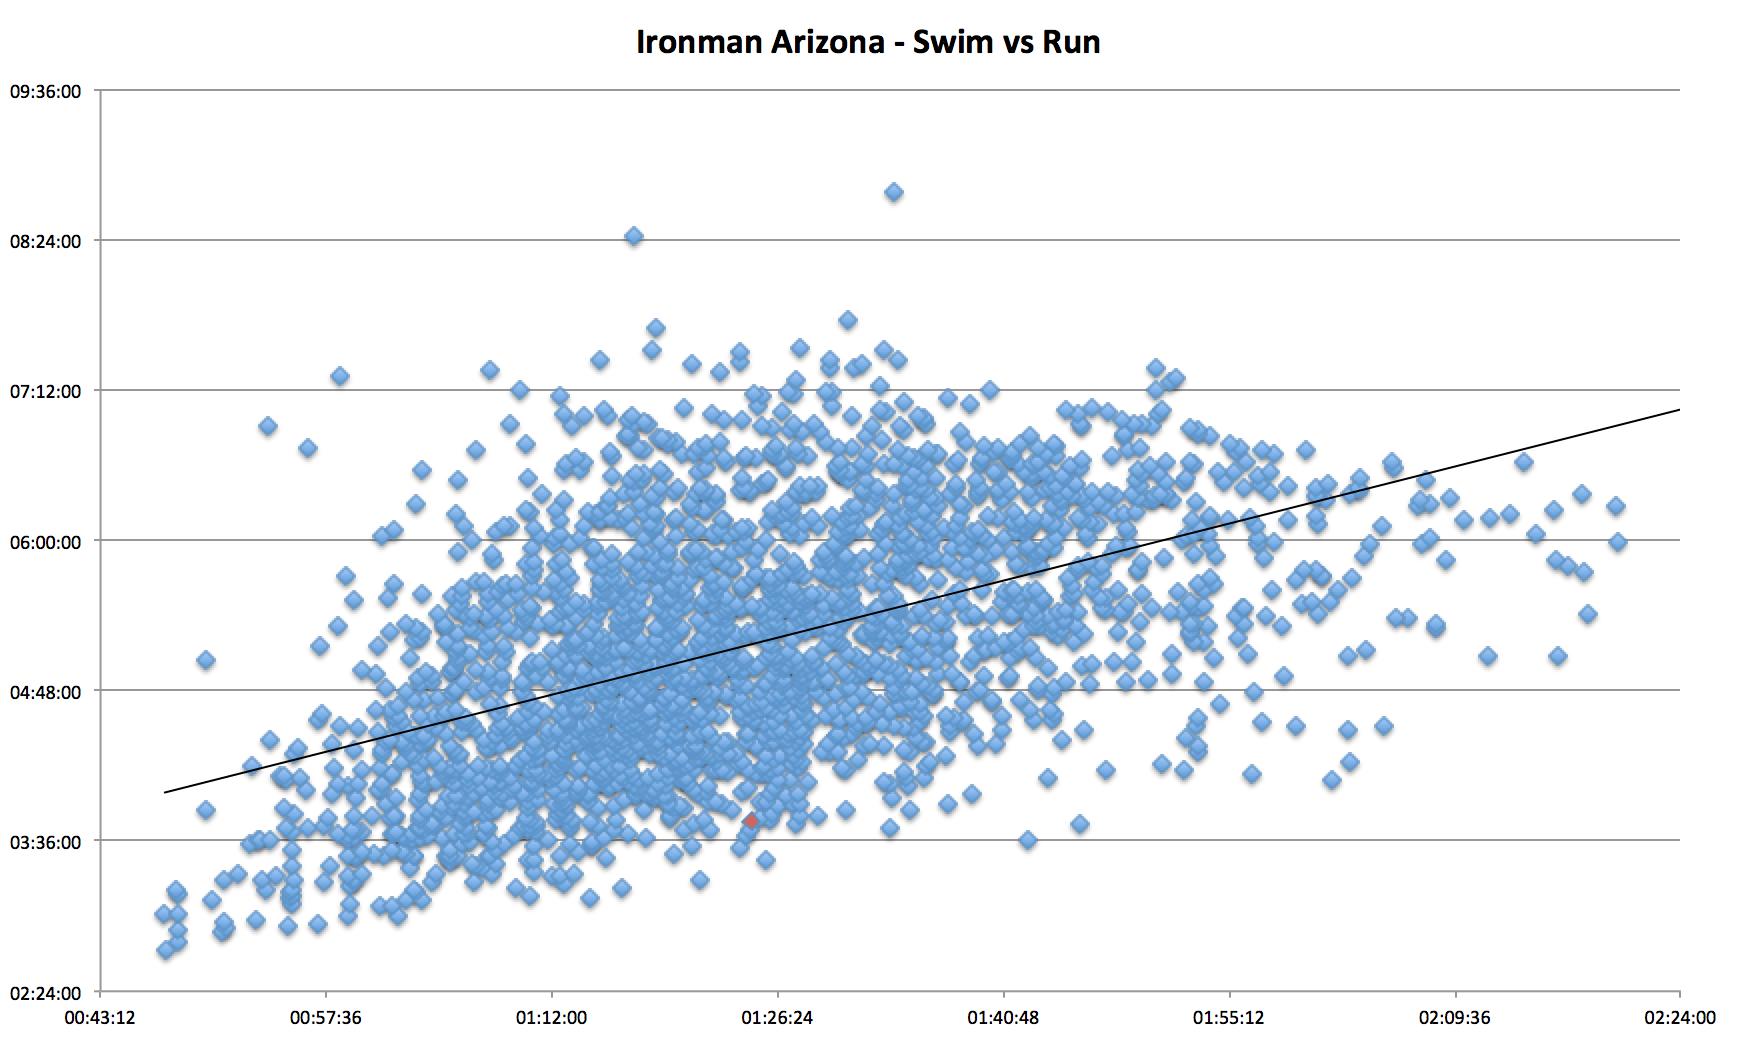 ironman_arizona_swim_vs_run